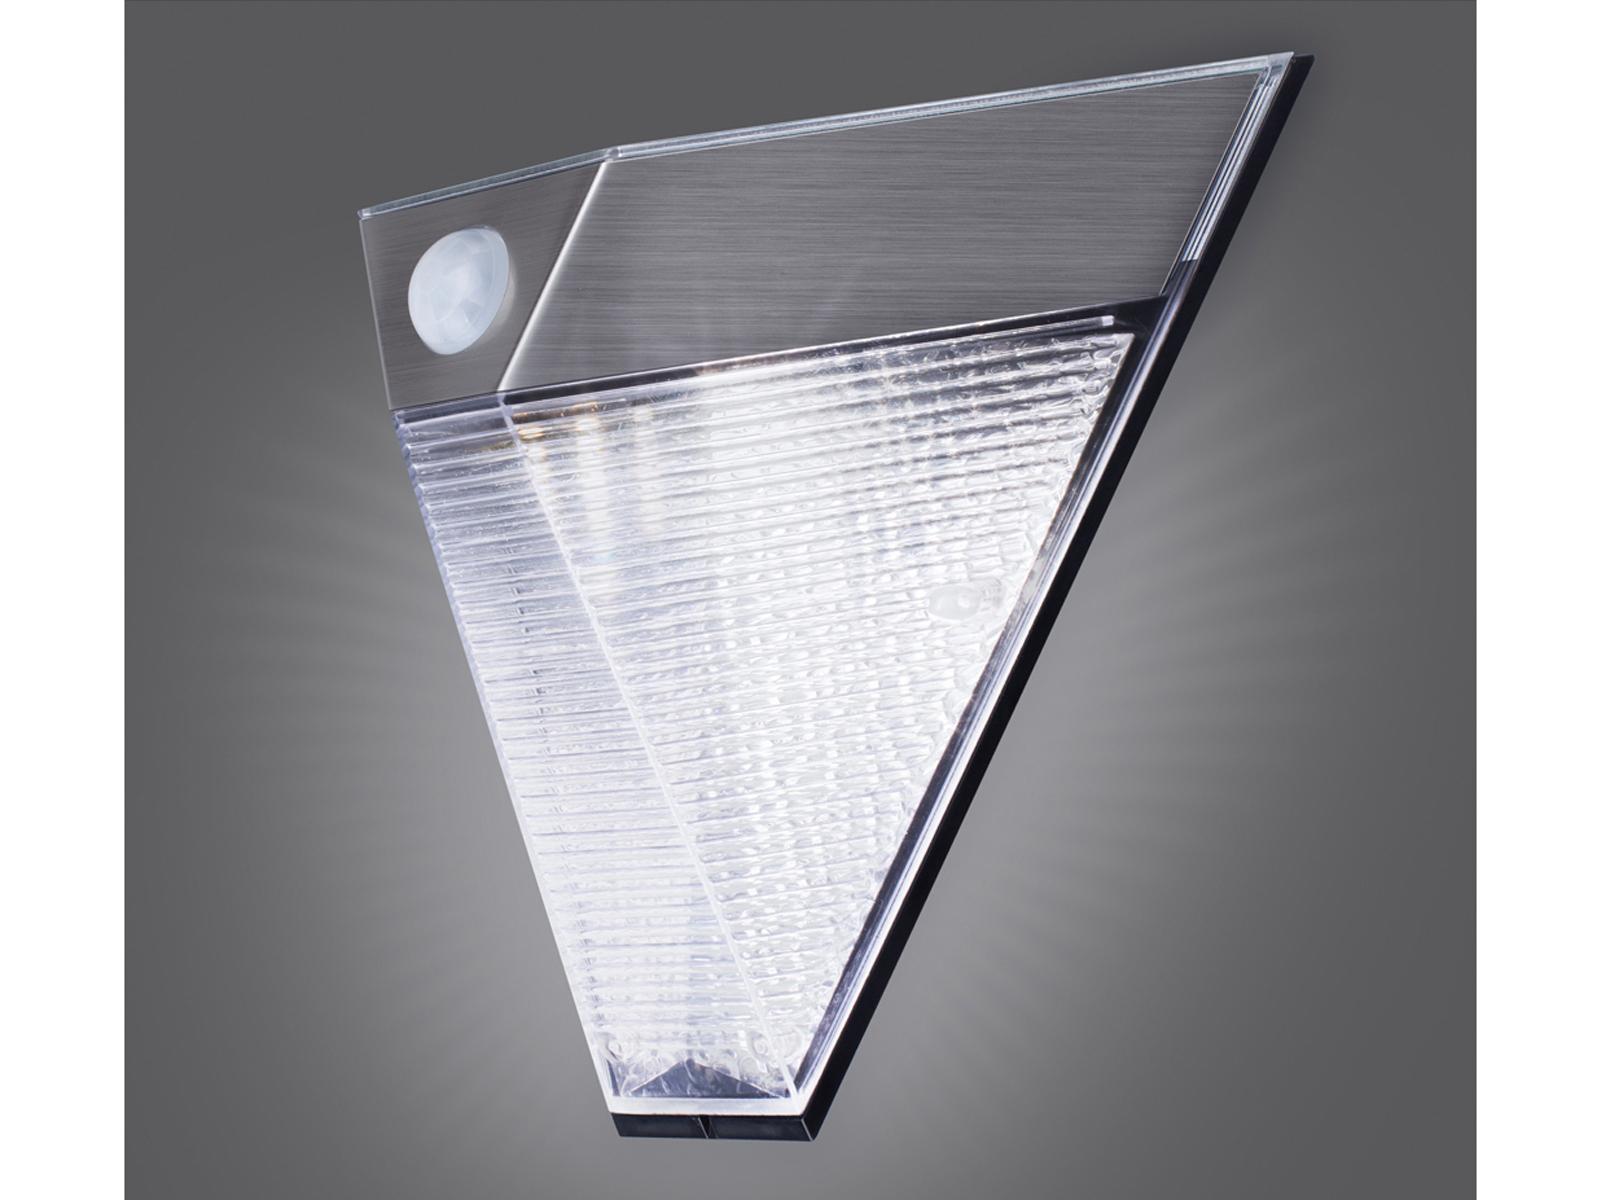 2er Set Led Aussenbeleuchtung Fassade Haus Dreieckig Bewegungsmelder